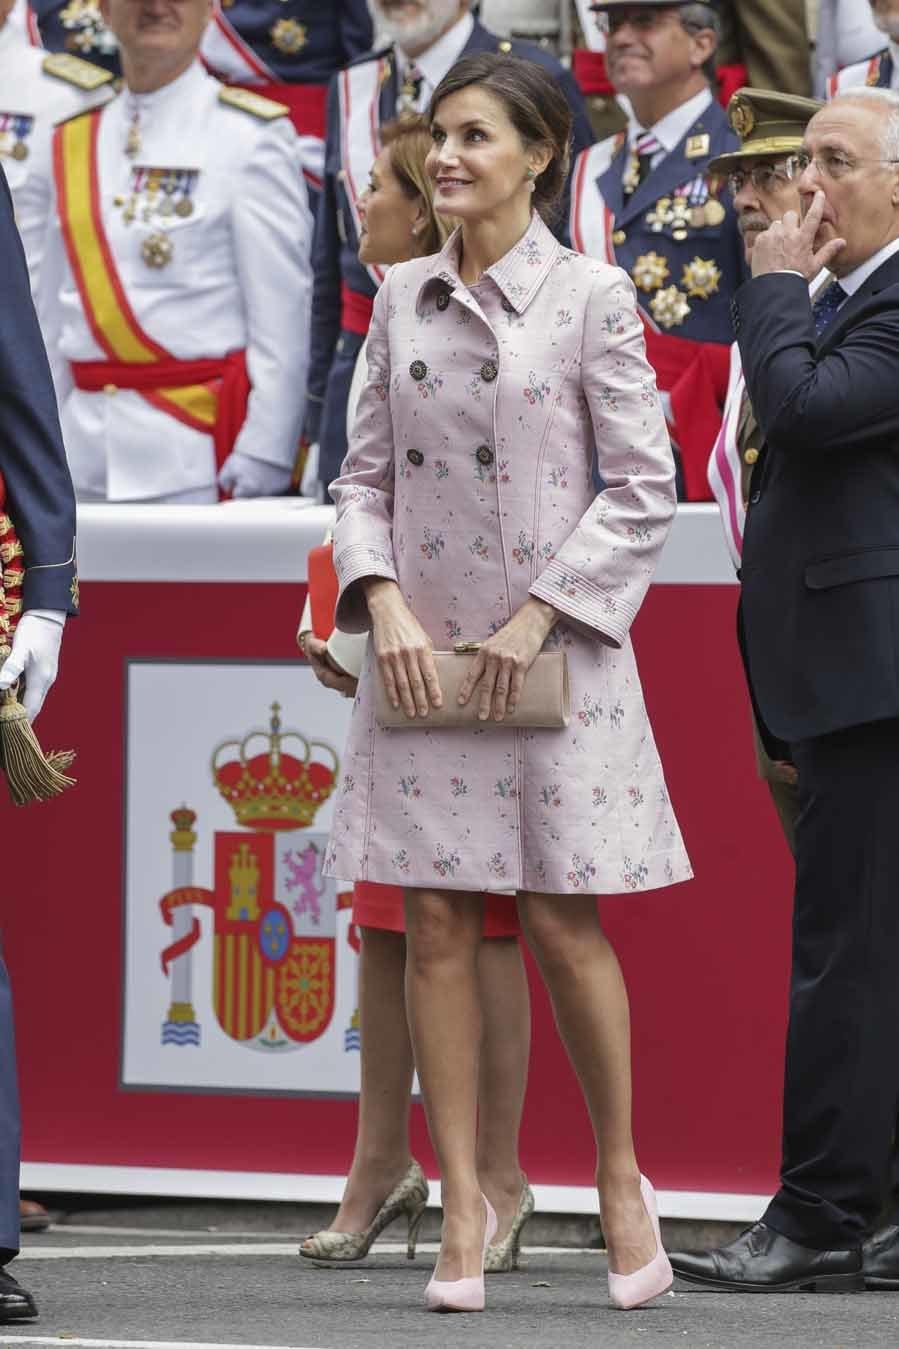 Los Reyes celebran el Día de las Fuerzas Armadas en Logroño  - Letizia repite modelo